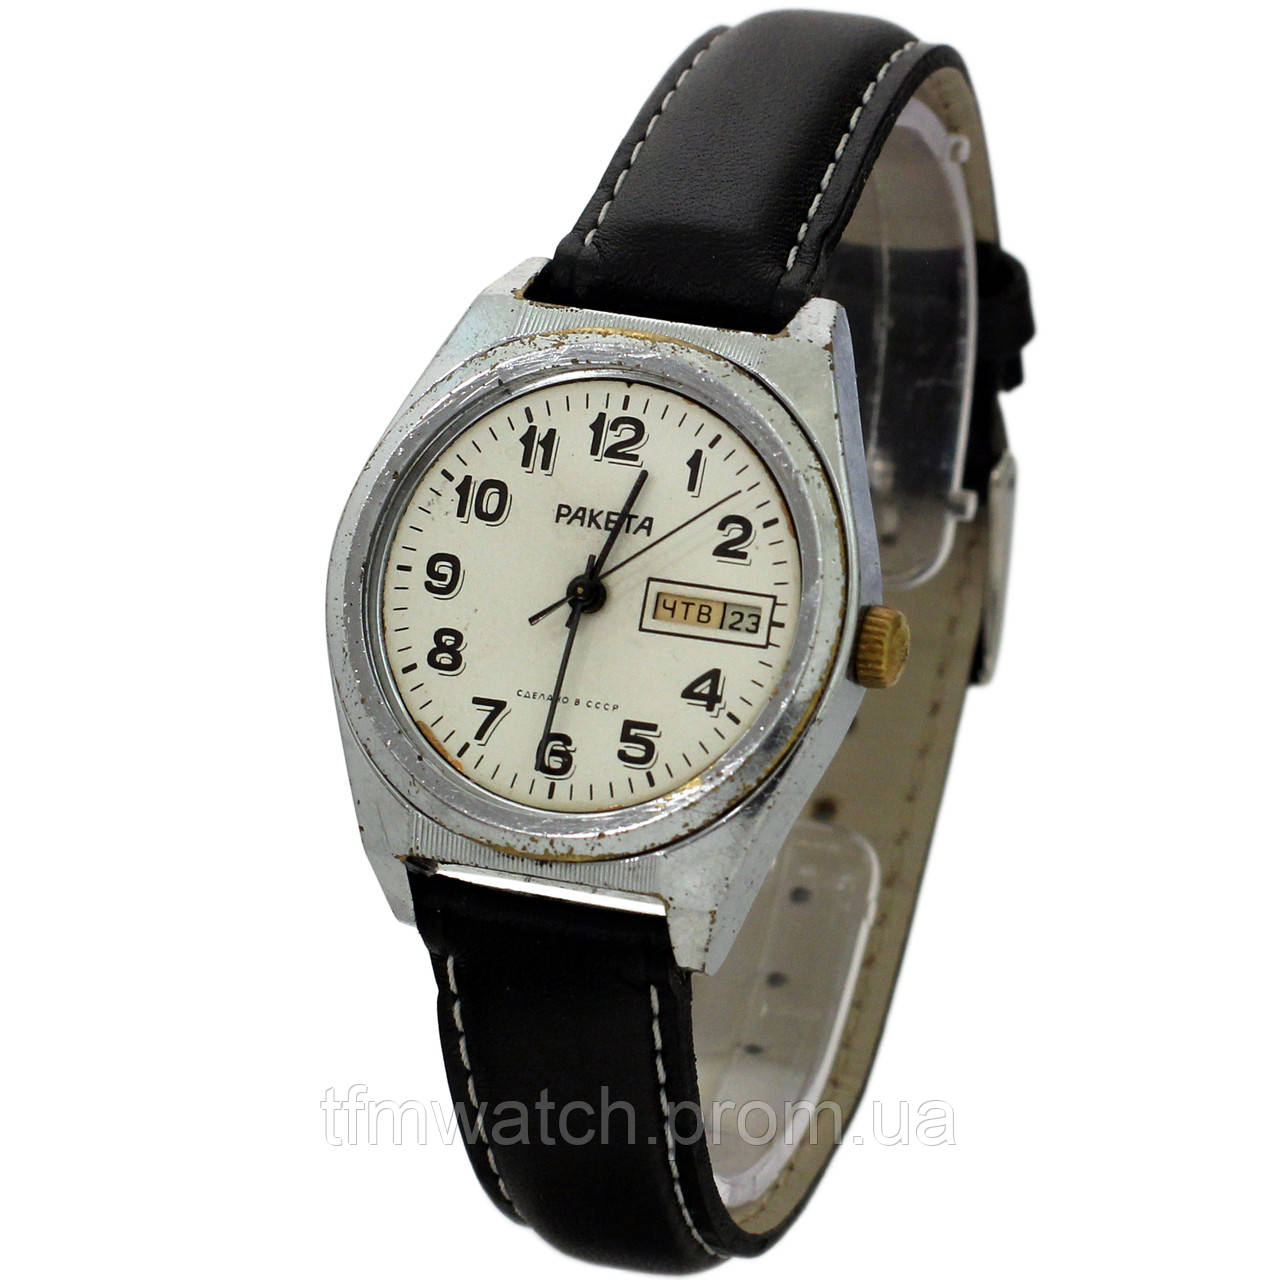 В часы цена продать ракета ссср сделано часы где заложить швейцарские